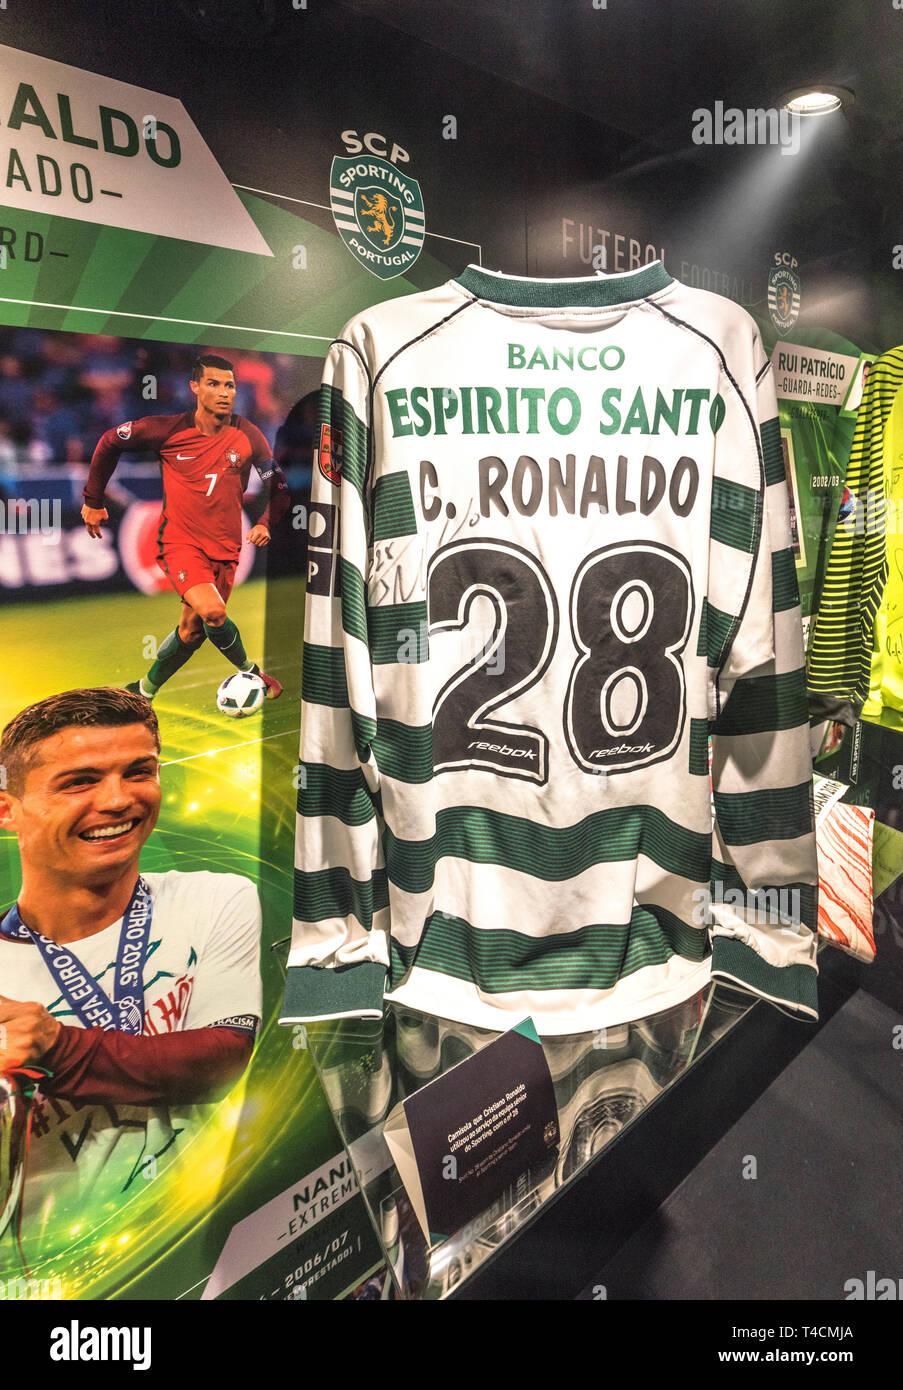 super popular 543c5 ef48c Ronaldo Sporting Lisbon Stock Photos & Ronaldo Sporting ...